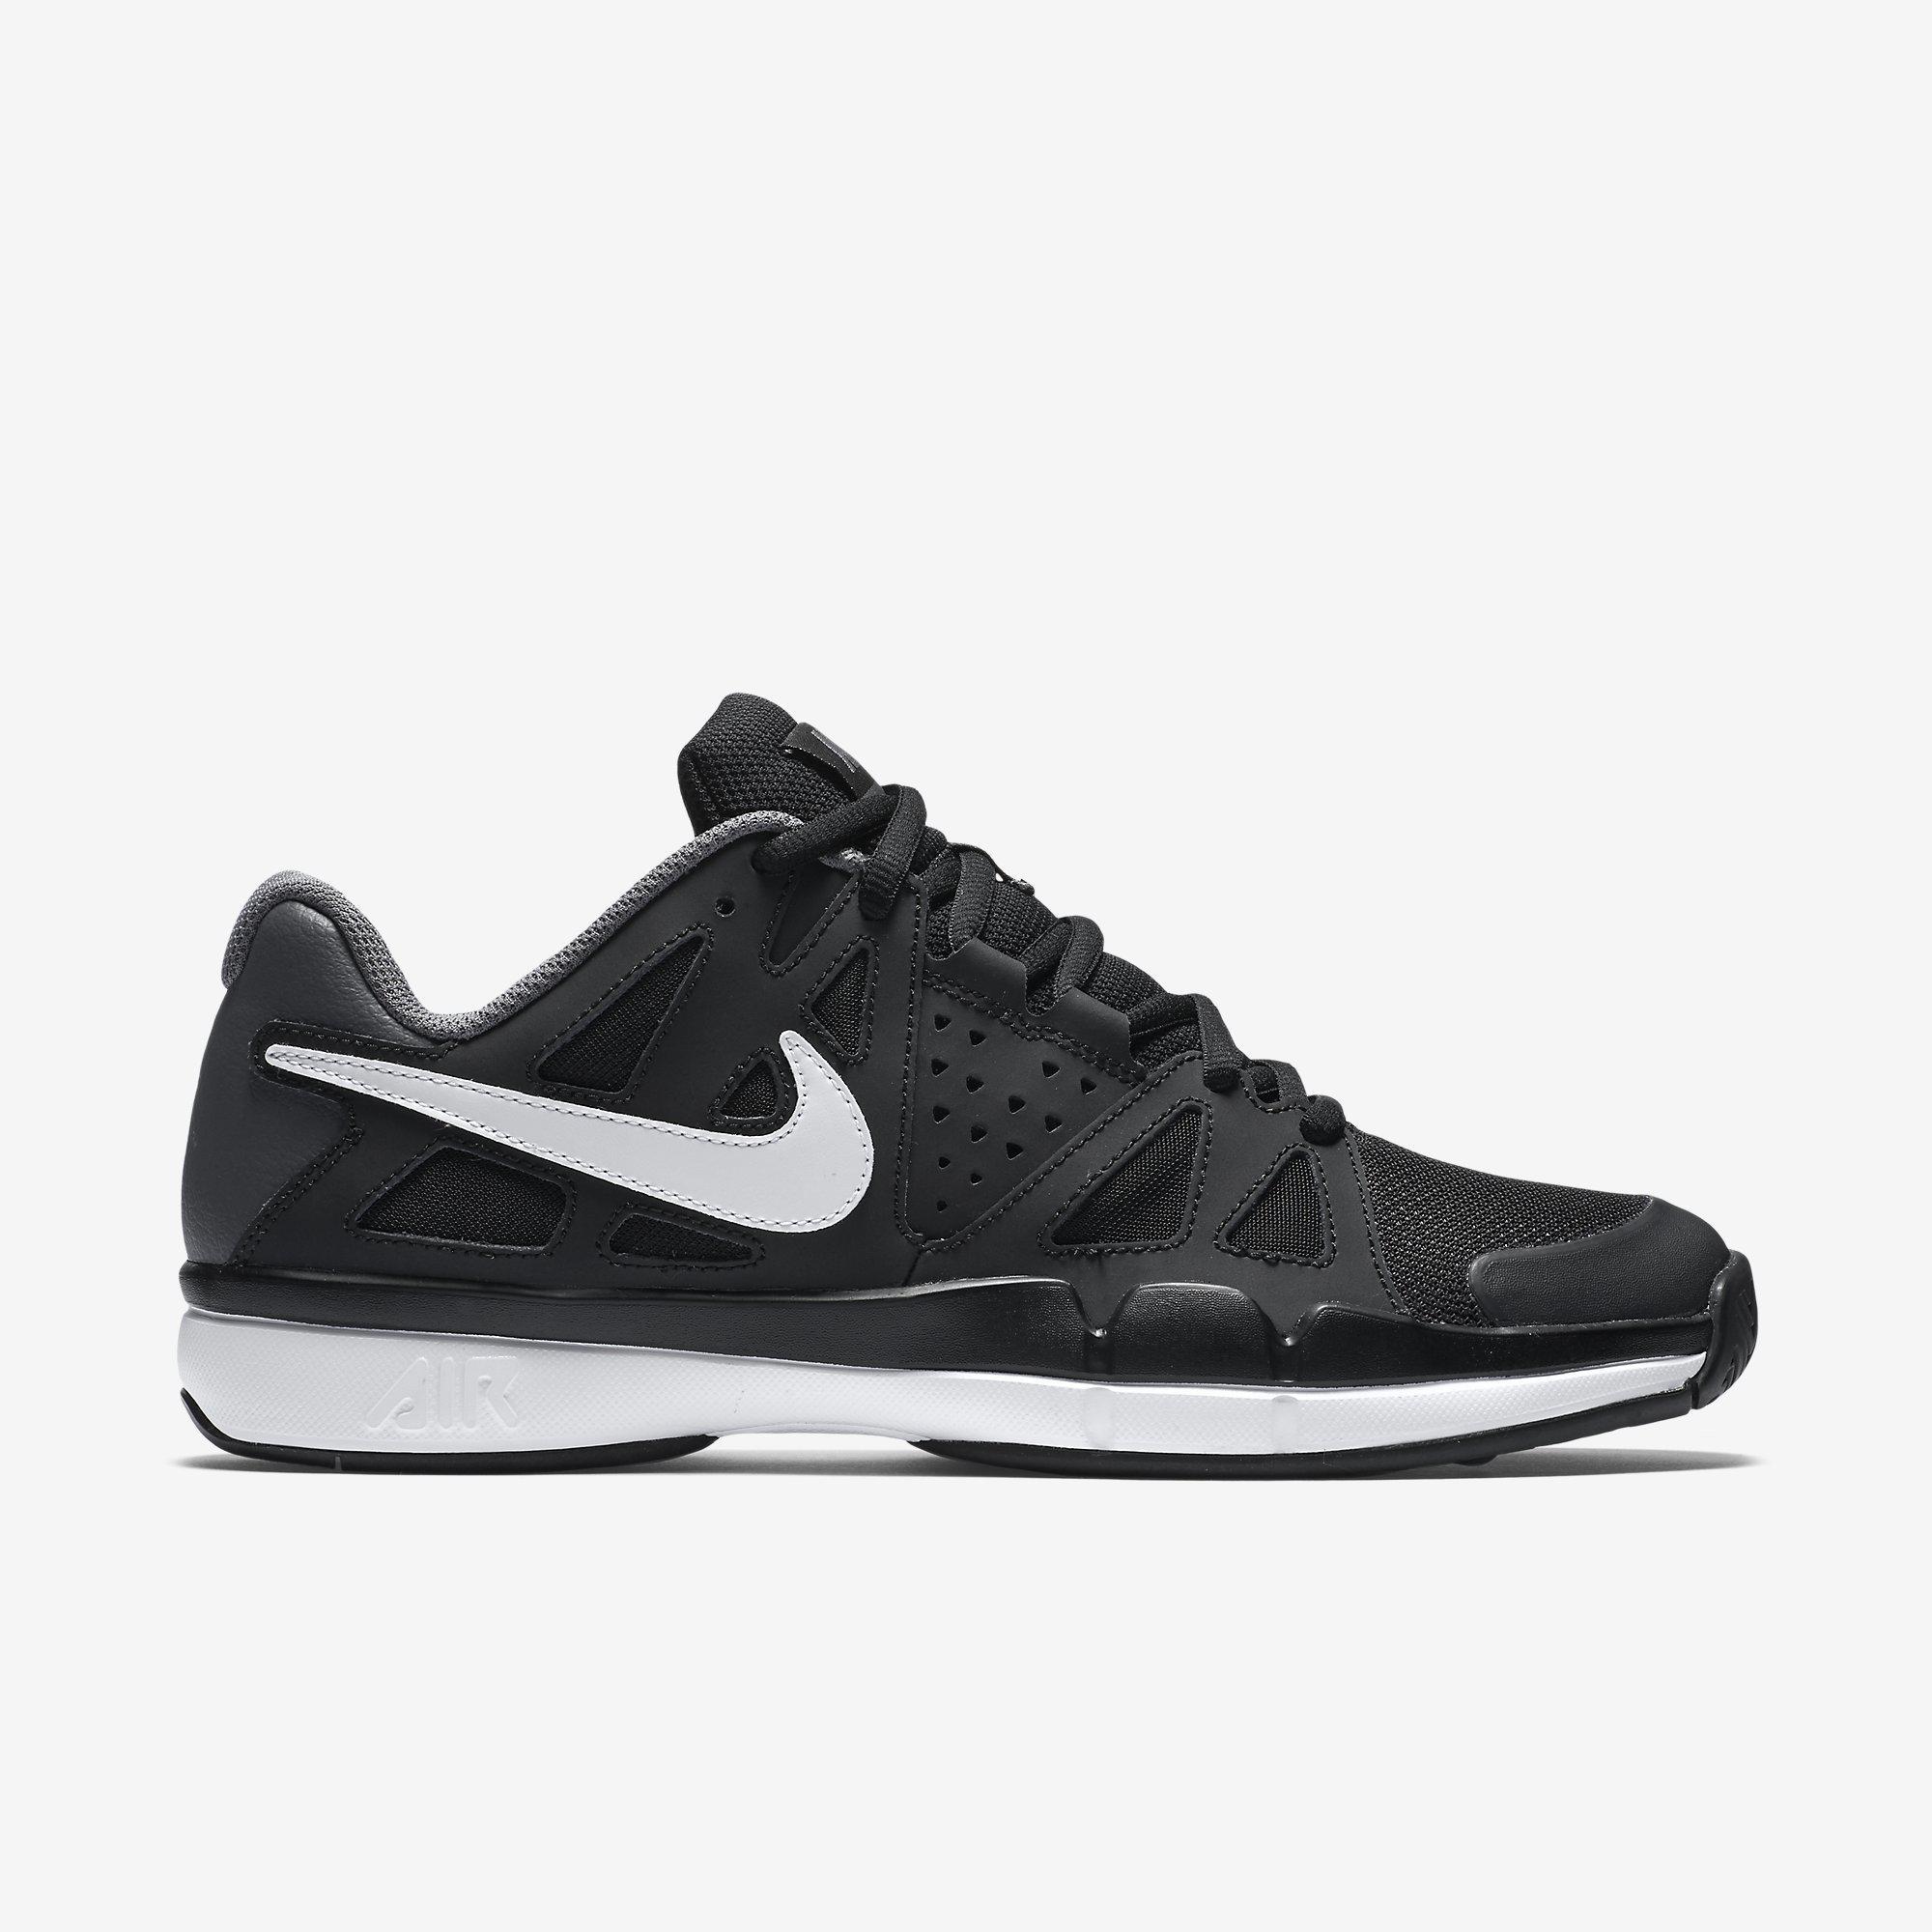 9d98ee8807a9 Nike Mens Air Vapor Advantage Tennis Shoes - Black White - Tennisnuts.com